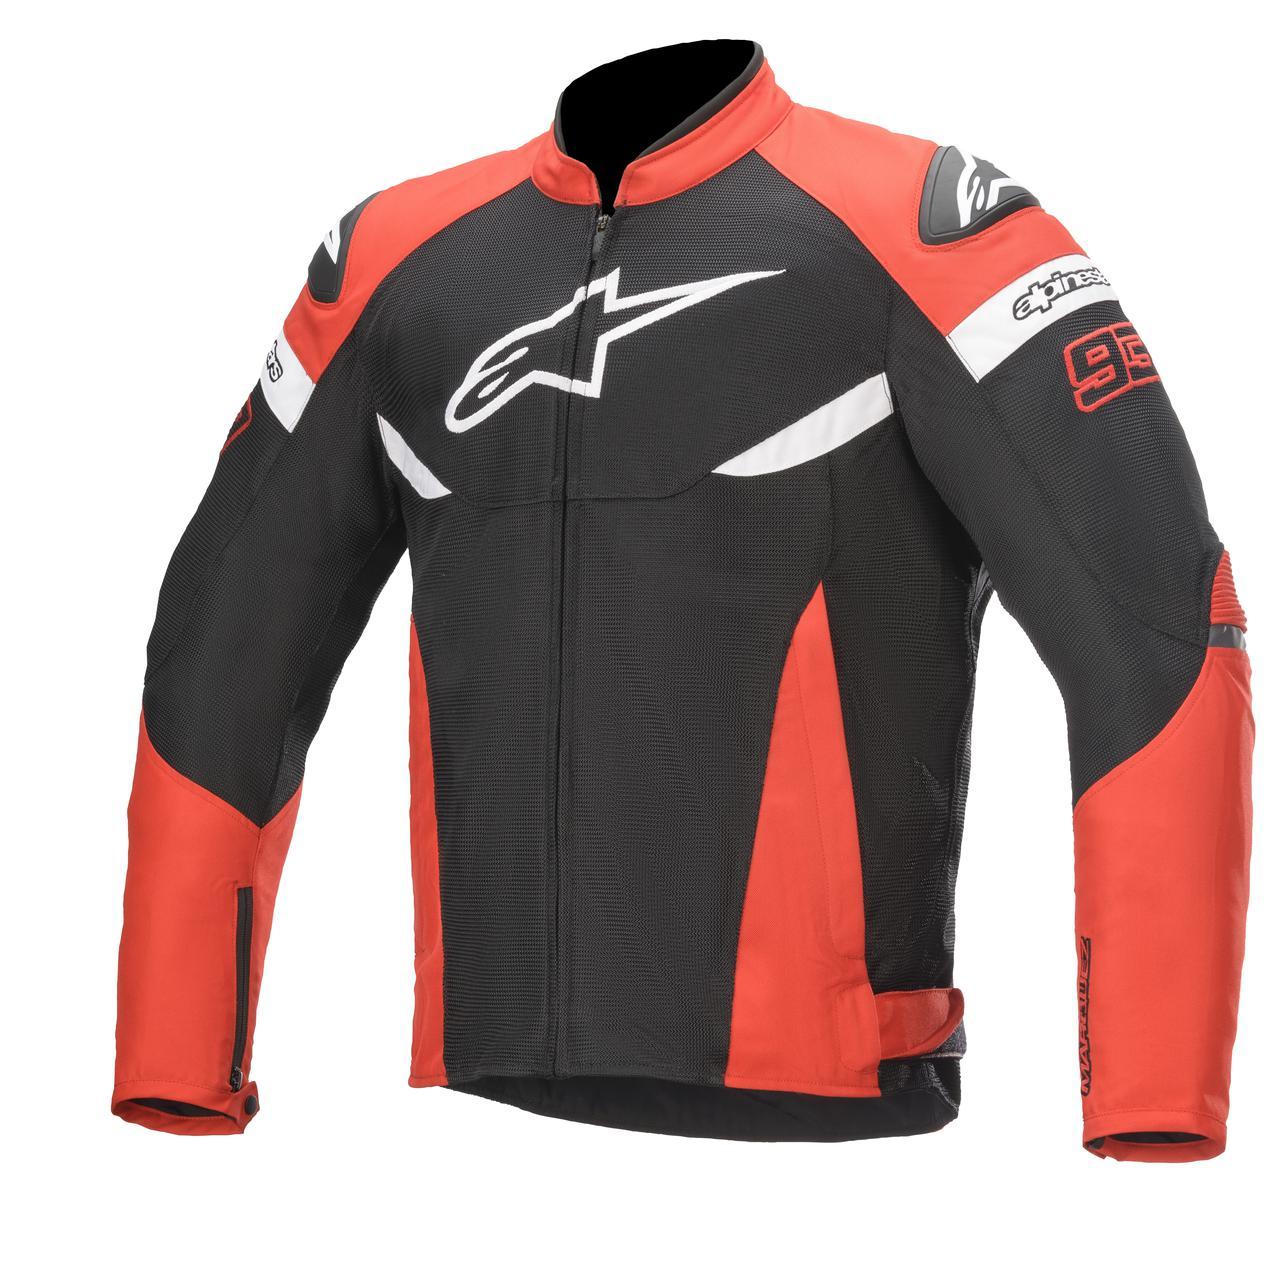 画像5: 左腕の「93」って何でしょう? アルパインスターズの新作メッシュジャケットは、〇〇〇〇とのコラボ製品!